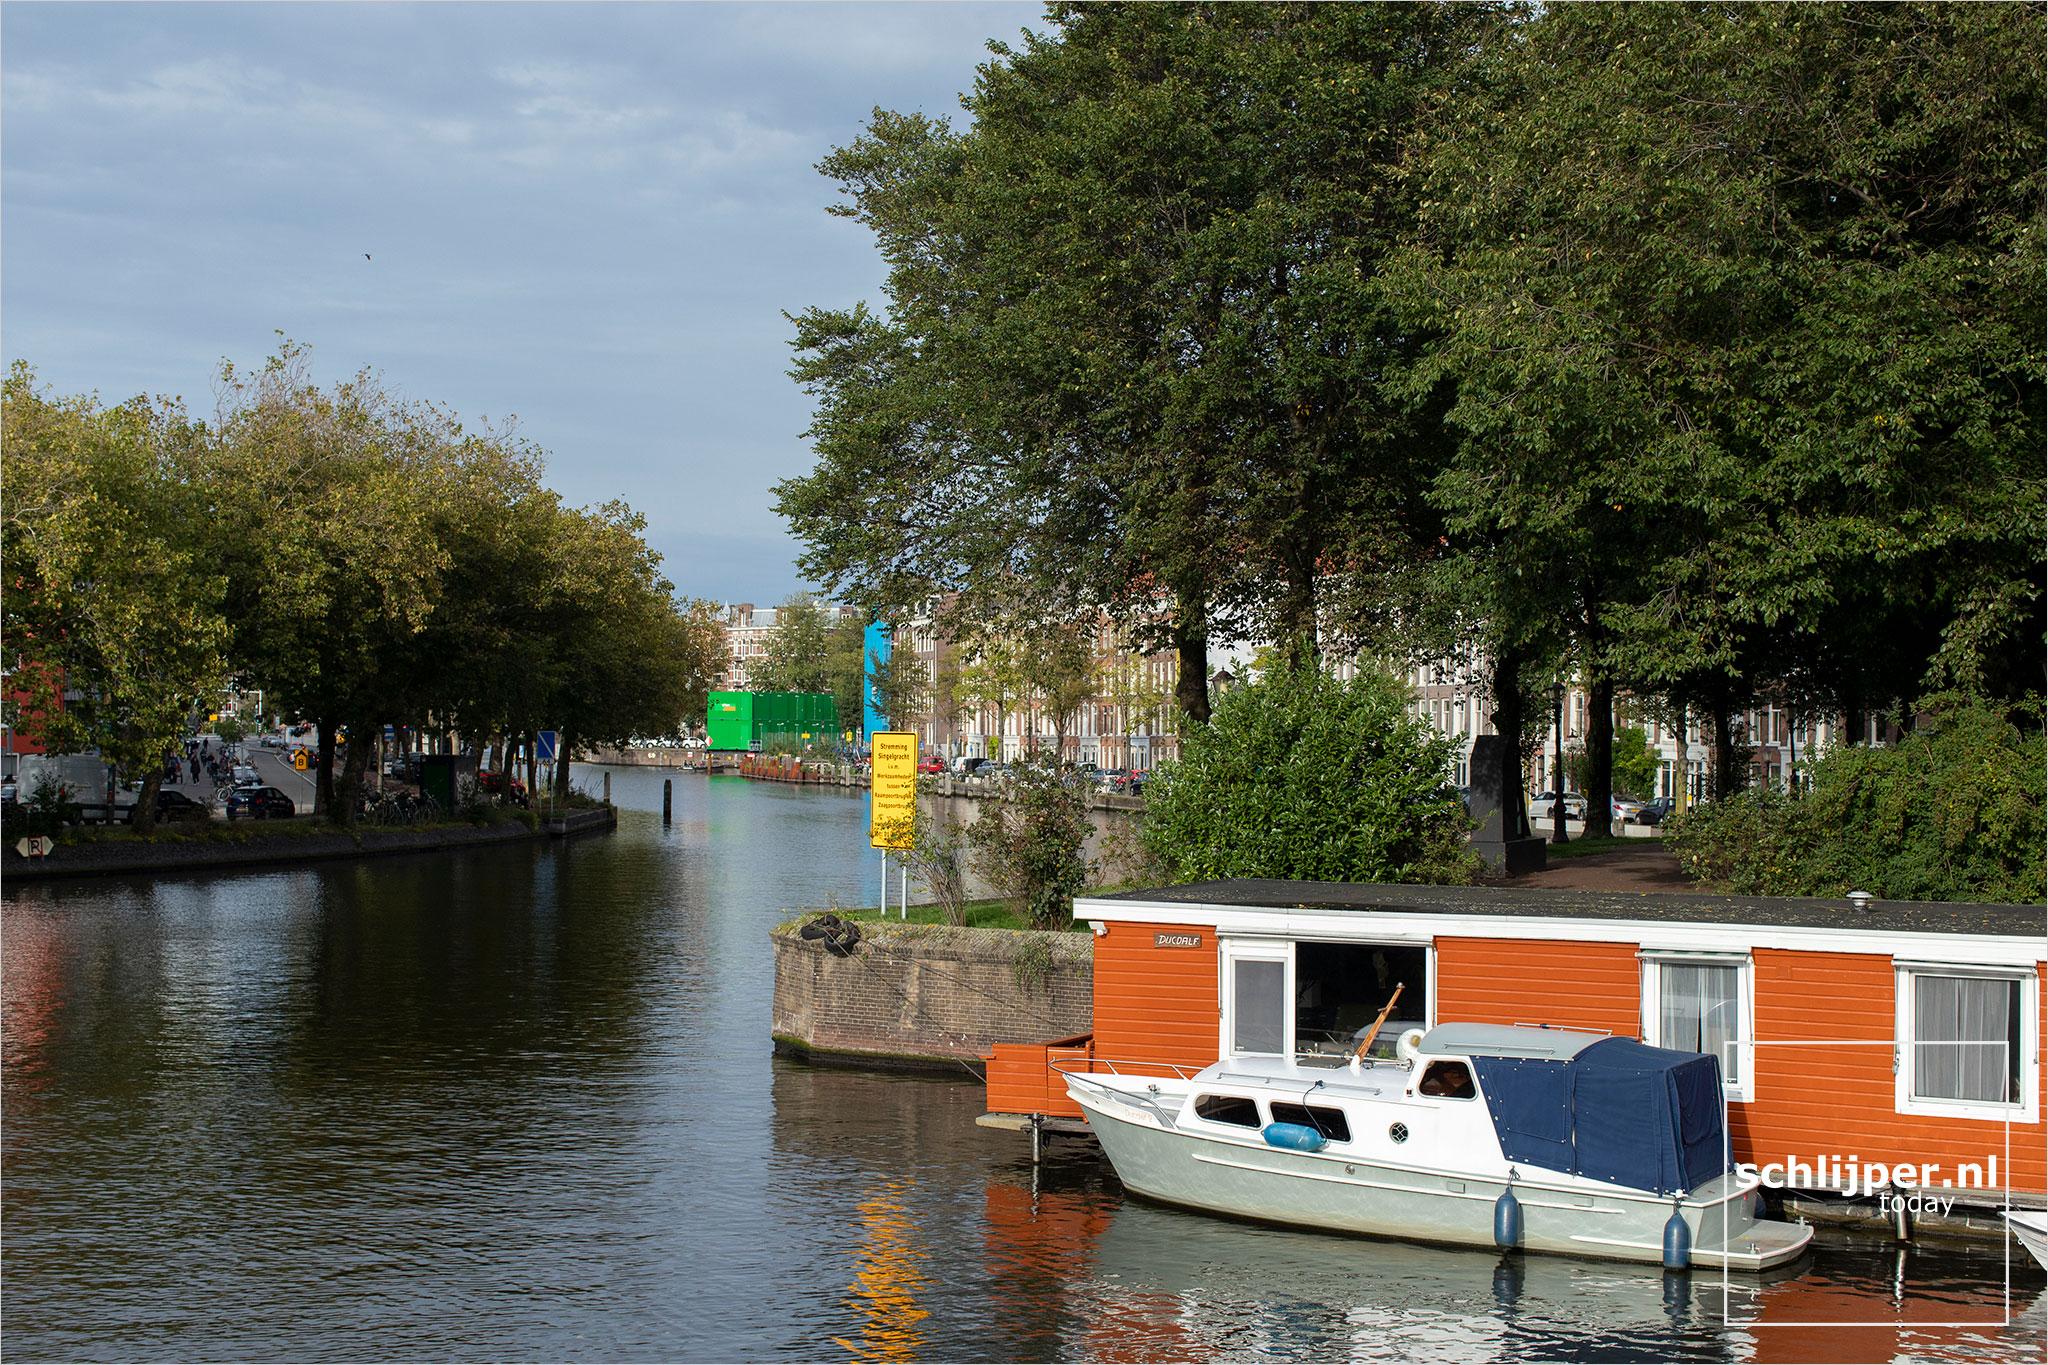 Nederland, Amsterdam, 26 september 2020